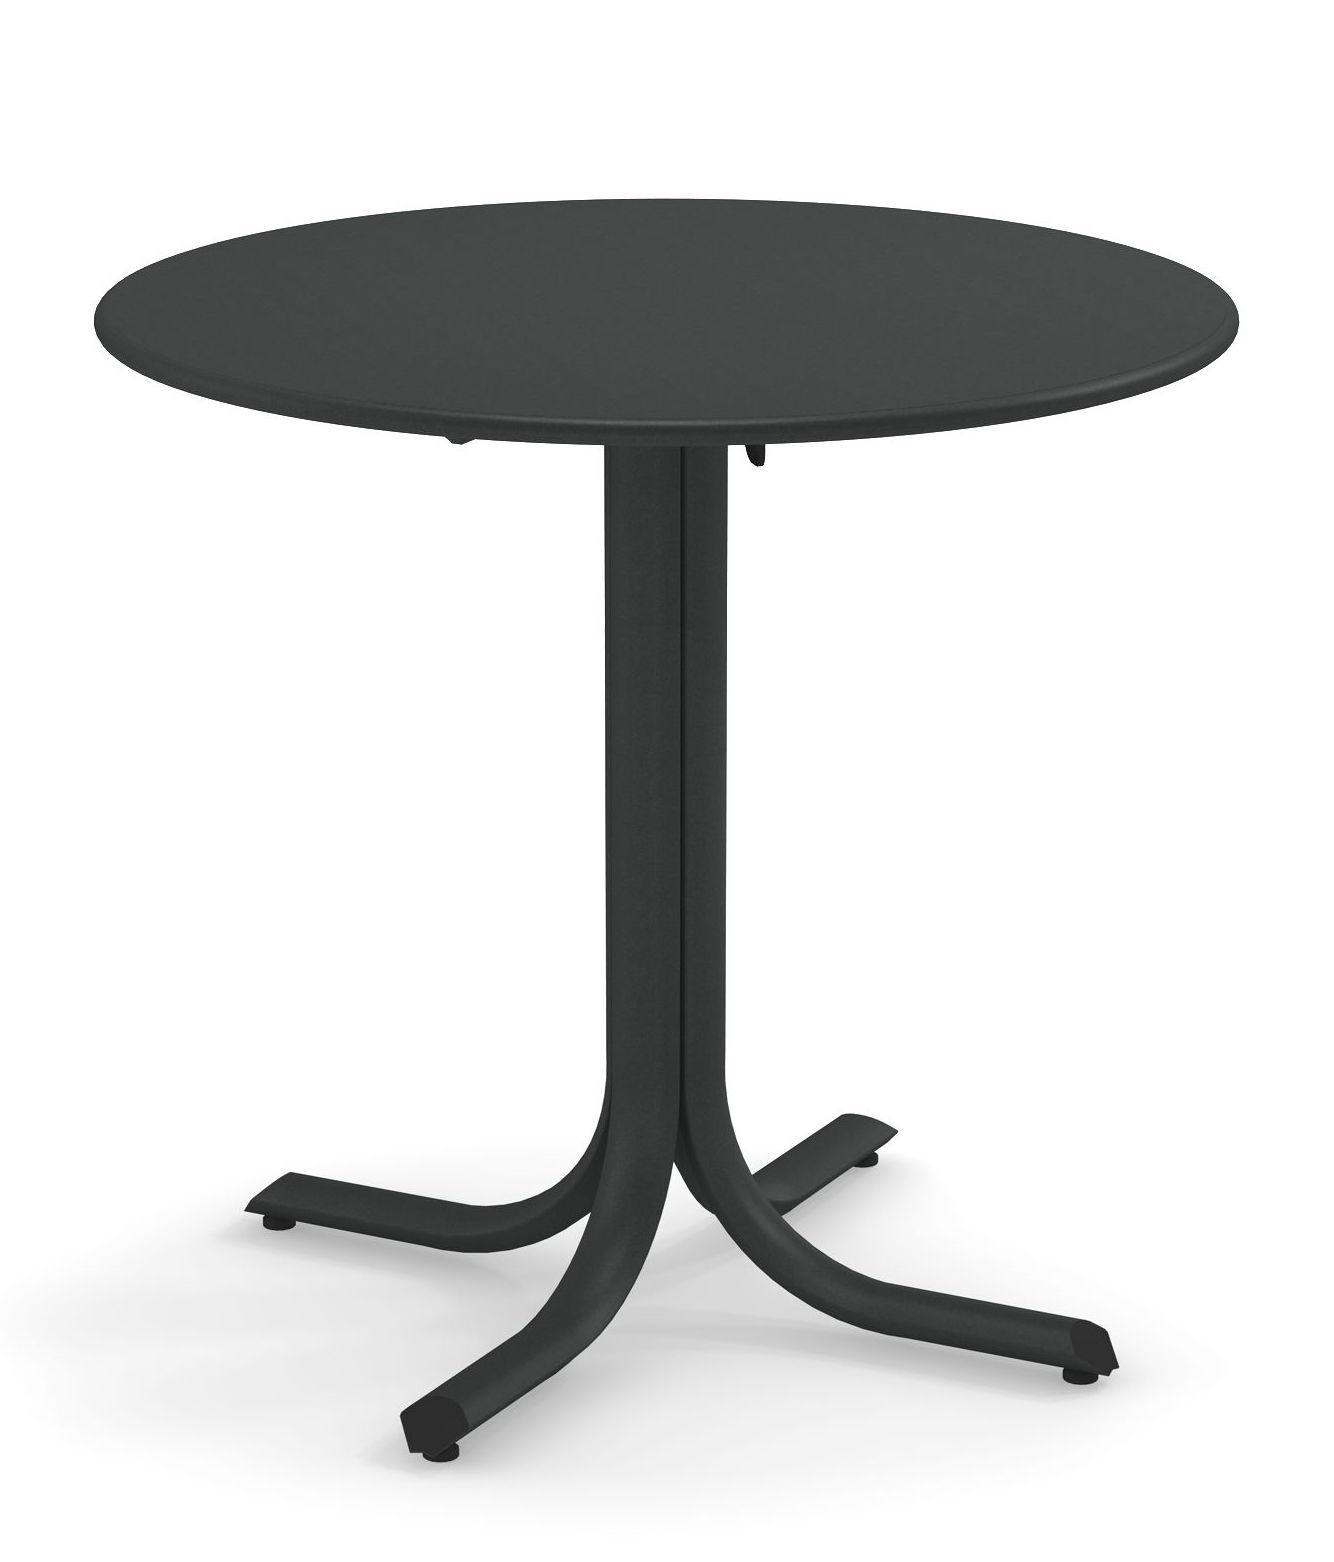 Outdoor - Tische - System Klapptisch / Ø 80 cm - Emu - Eisen Antik - Acier peint galvanisé